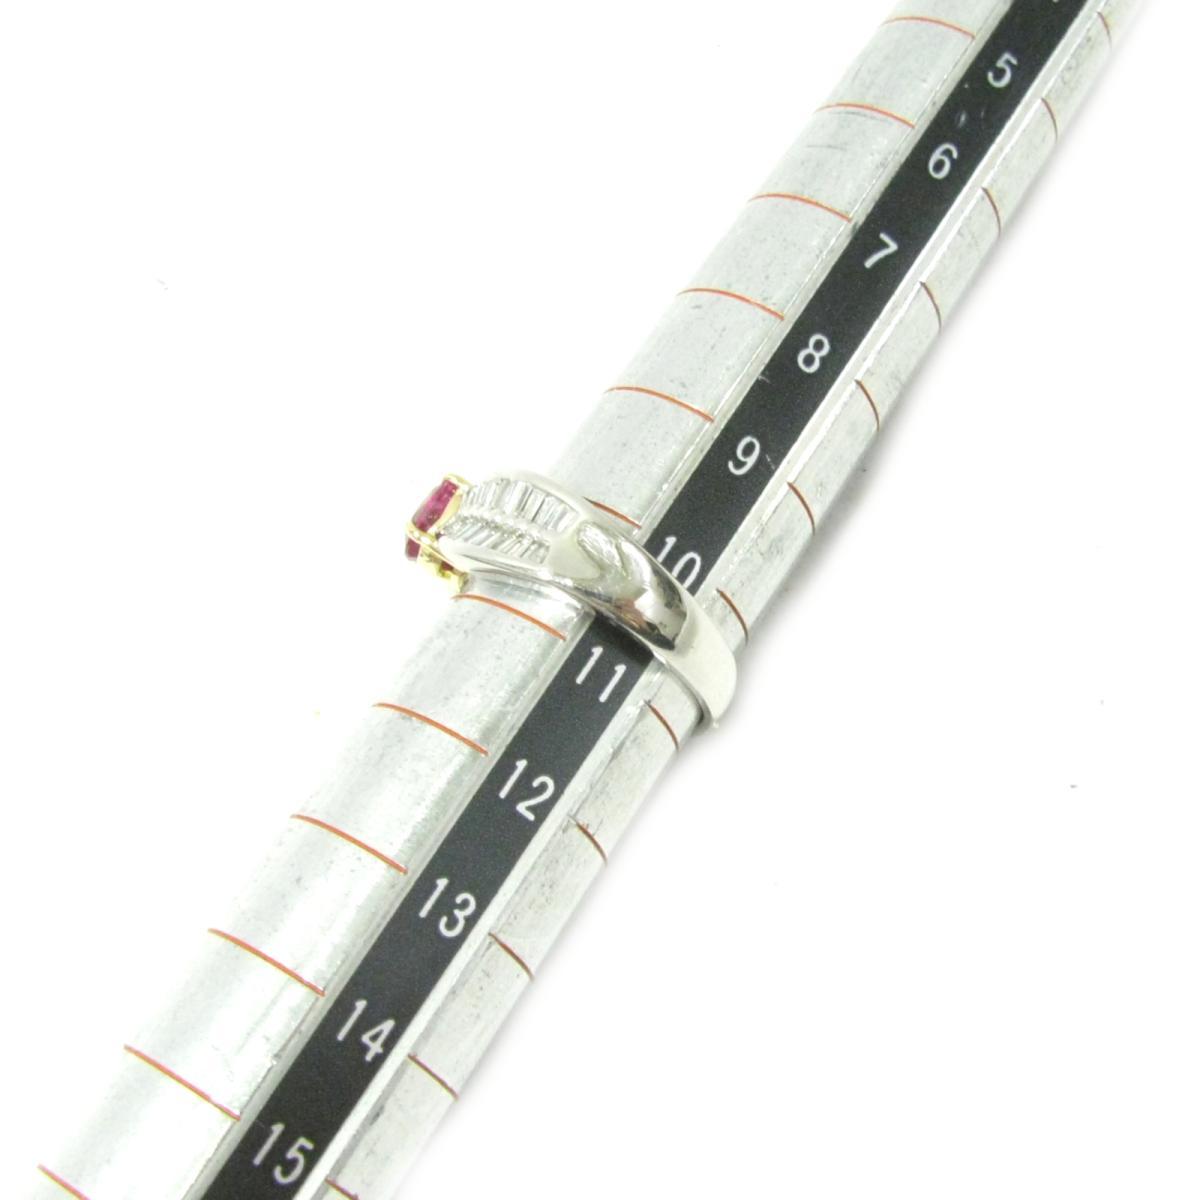 ジュエリー ルビーリング 指輪 ノーブランドジュエリー レディース PT900 プラチナXルビー1 06ctXダイヤモンド0 54ct シルバーXレッドJEWELRY BRANDOFF ブランドオフ アクセサリー リングq5jL43RA